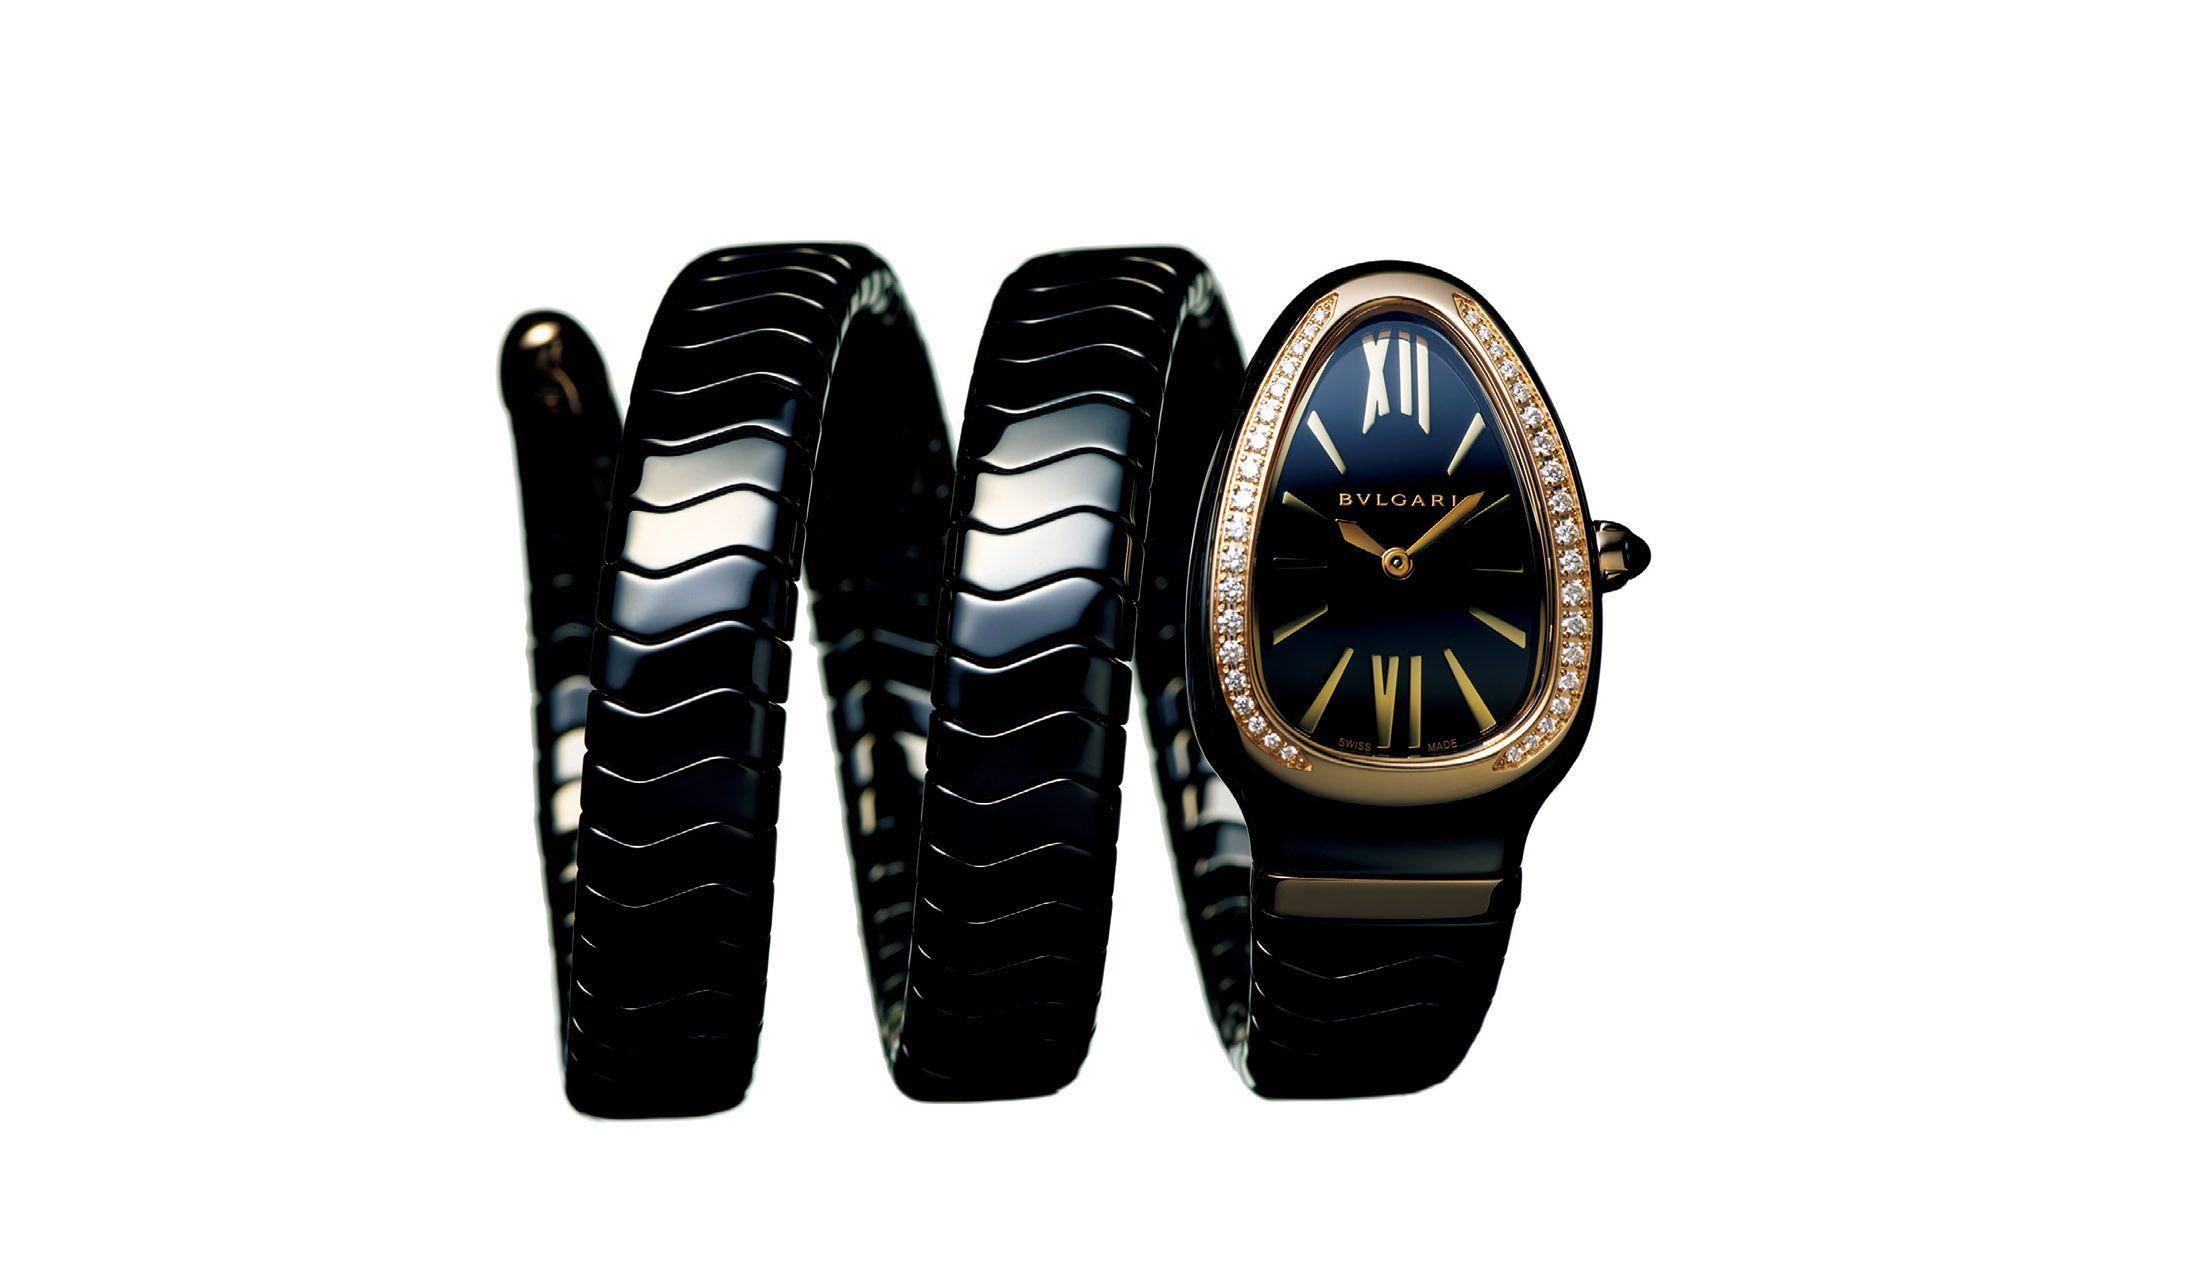 ブルガリの時計「セルペンティ スピガ」